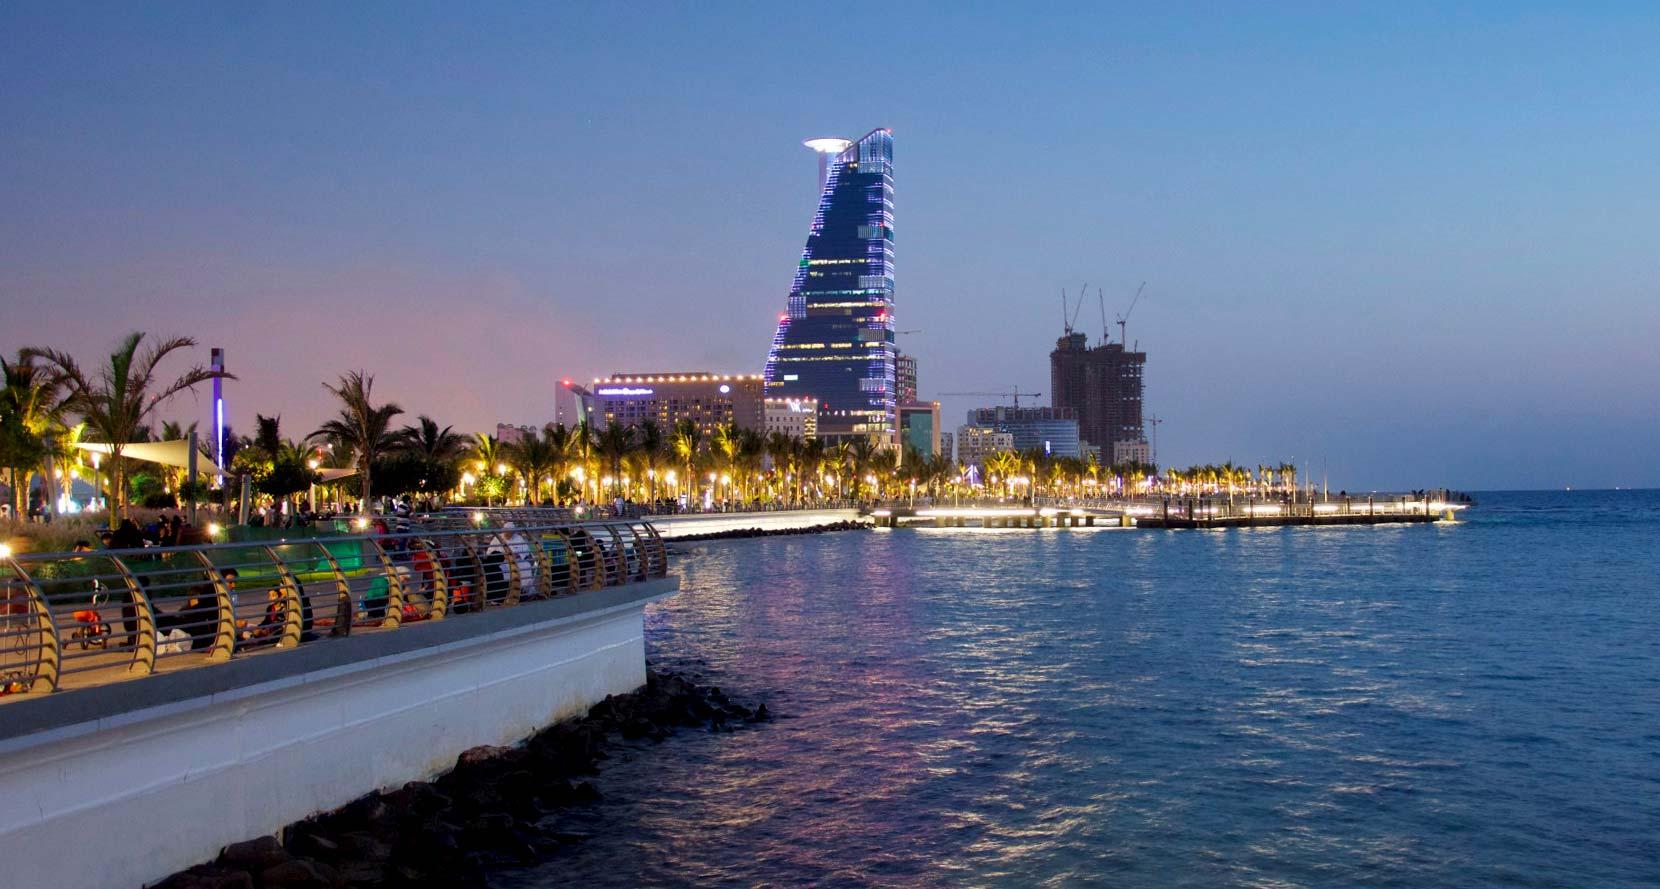 Jeddah Corniche 2